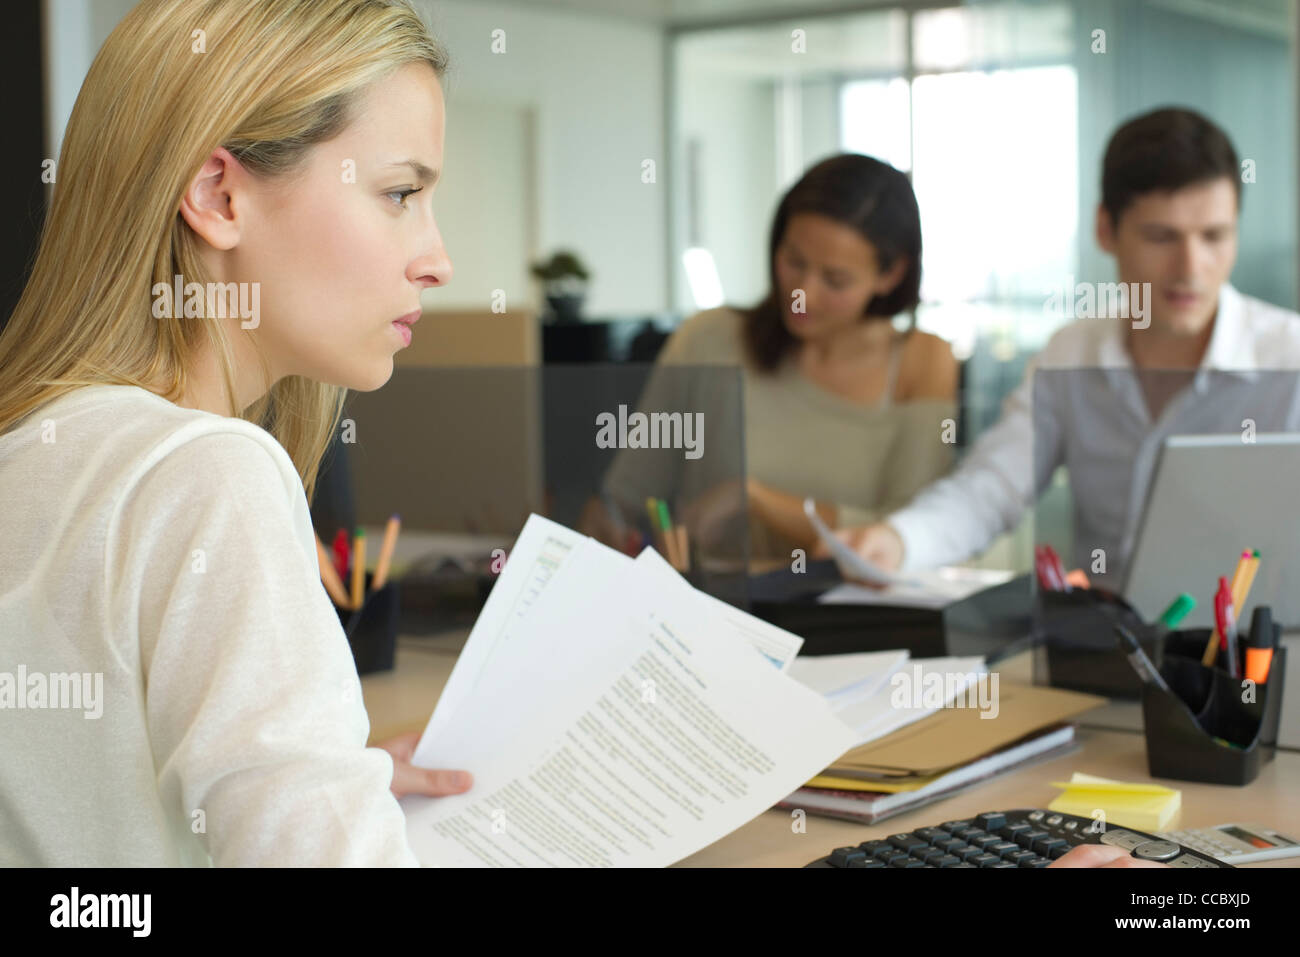 Frau im Büro arbeiten Stockbild